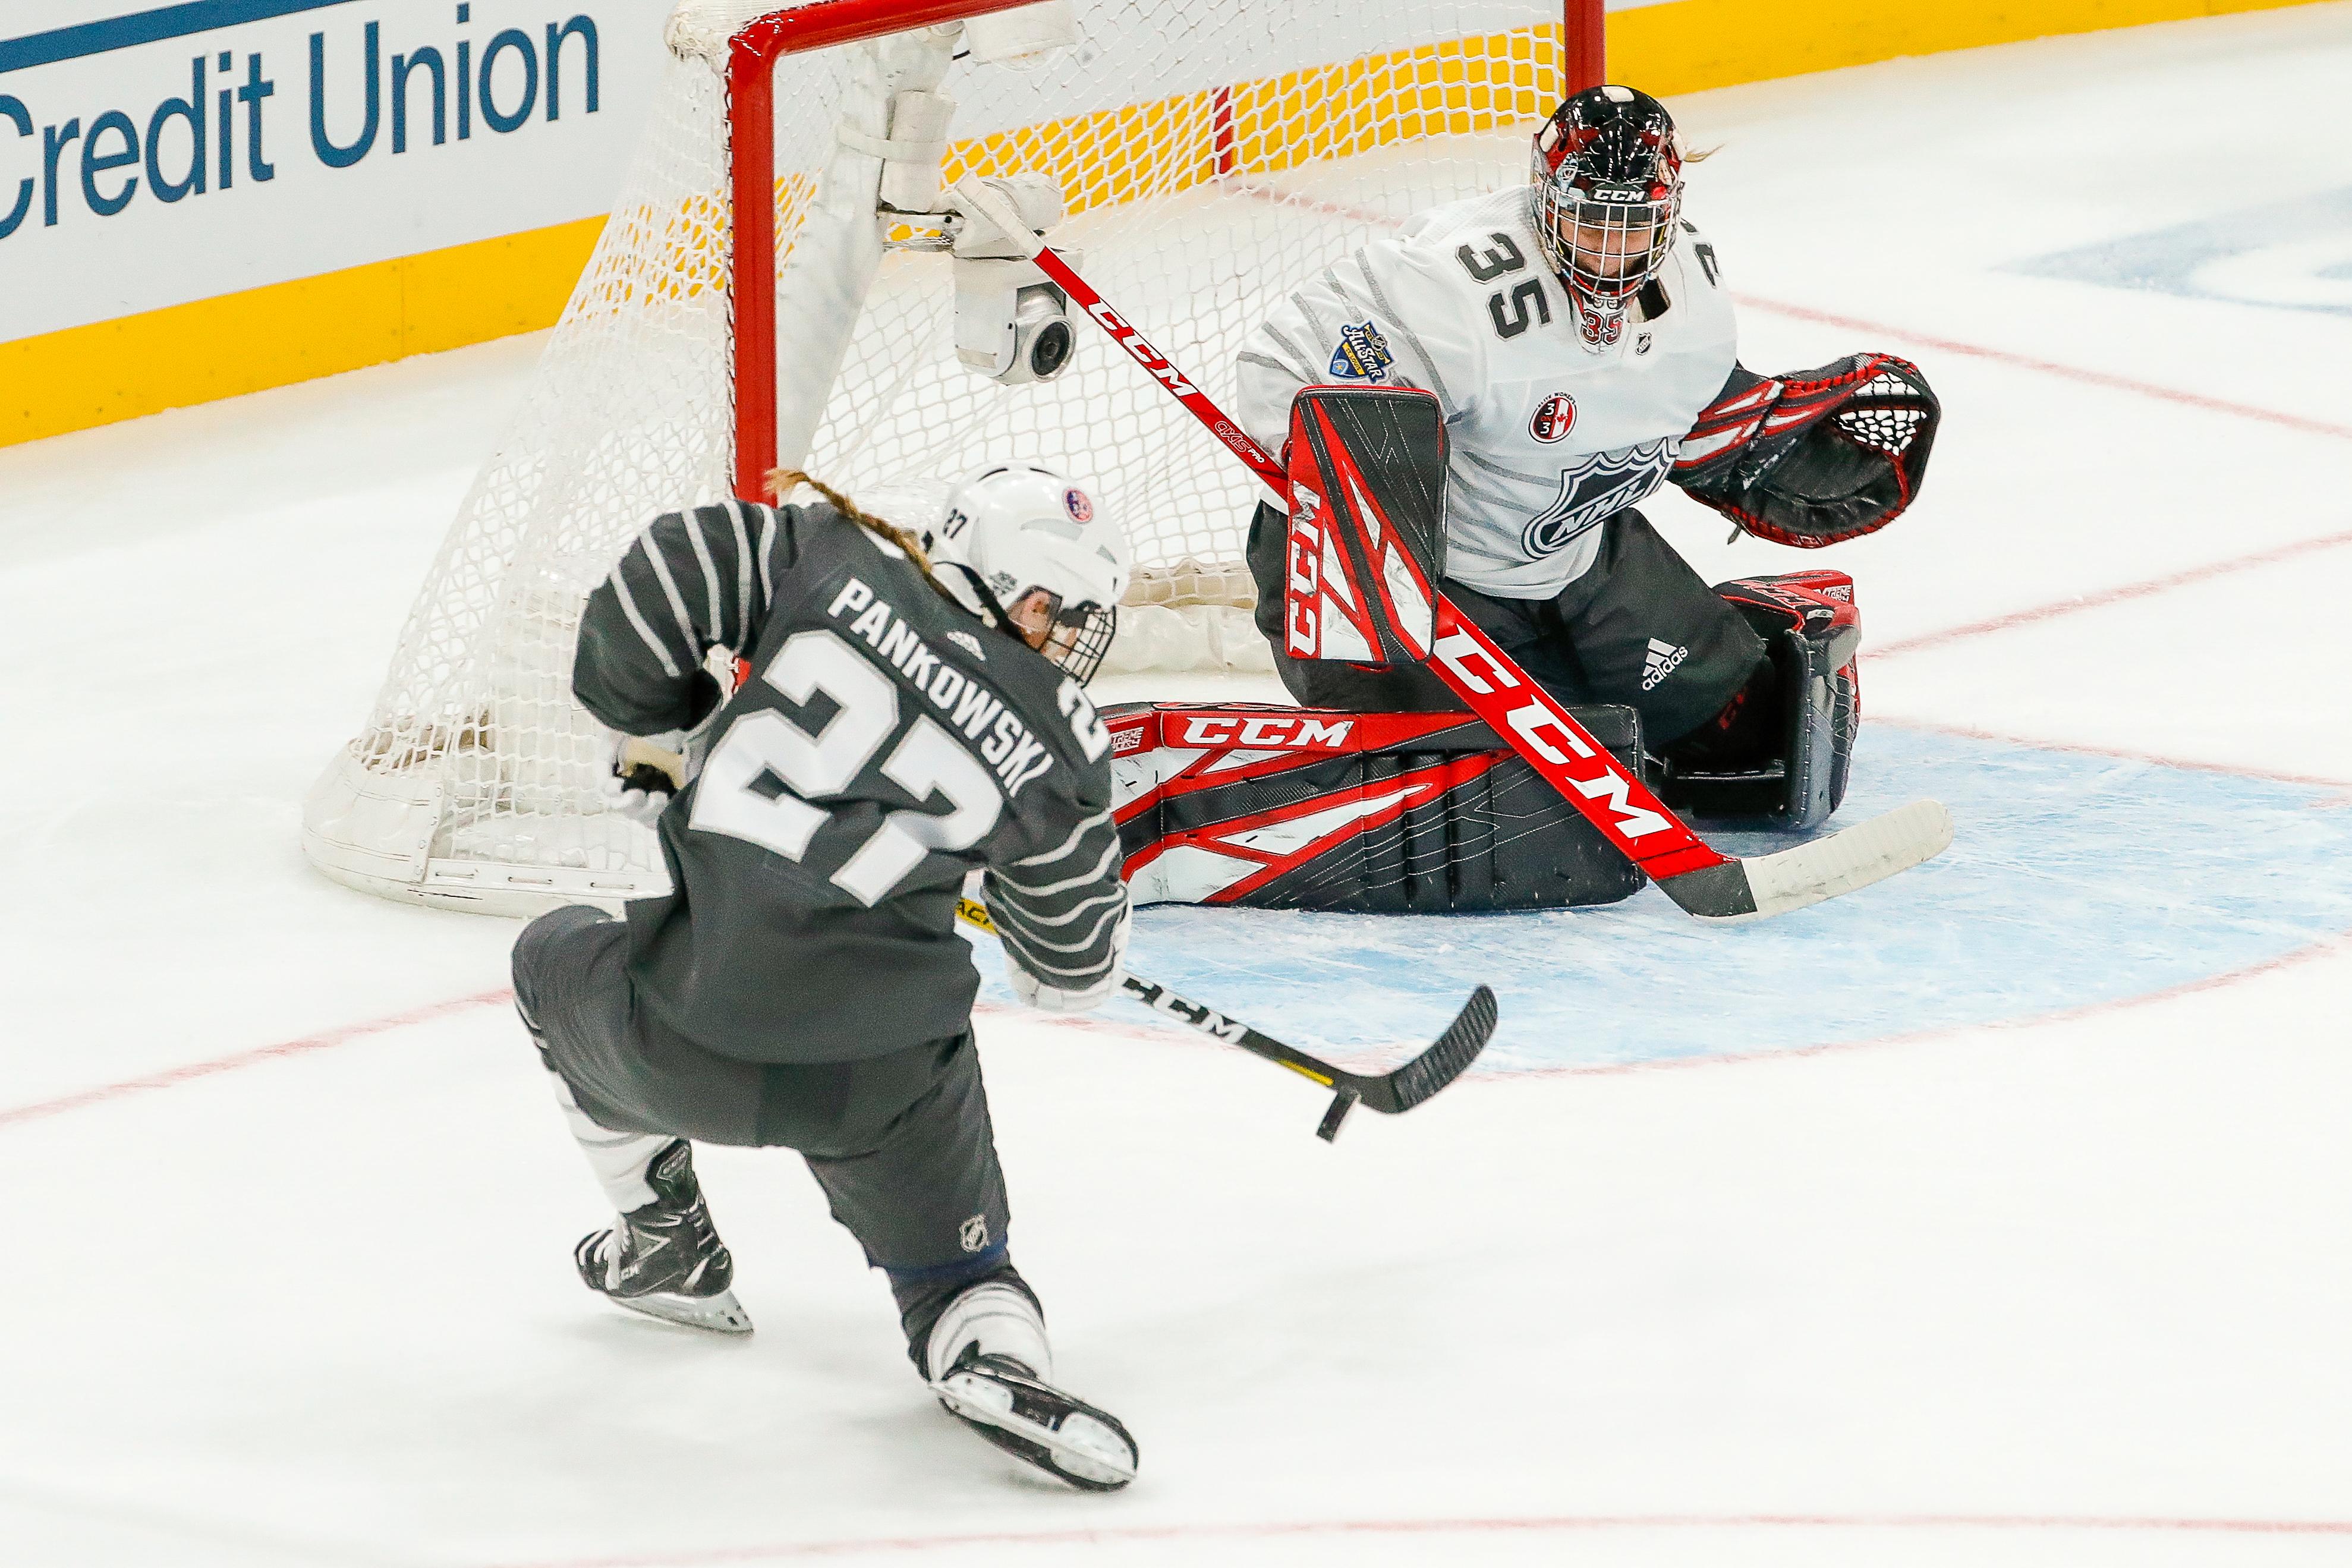 NHL: JAN 24 All-Star Skills